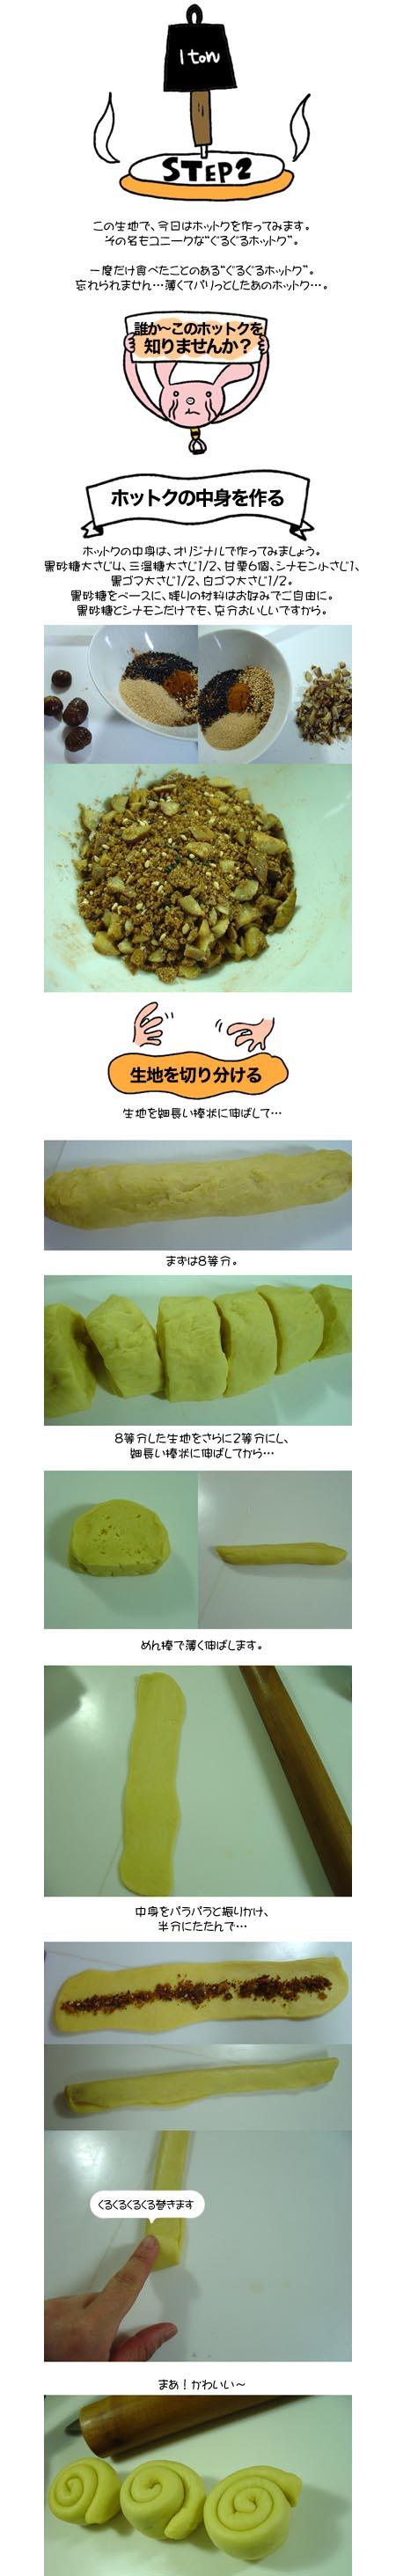 韓国料理のホットク